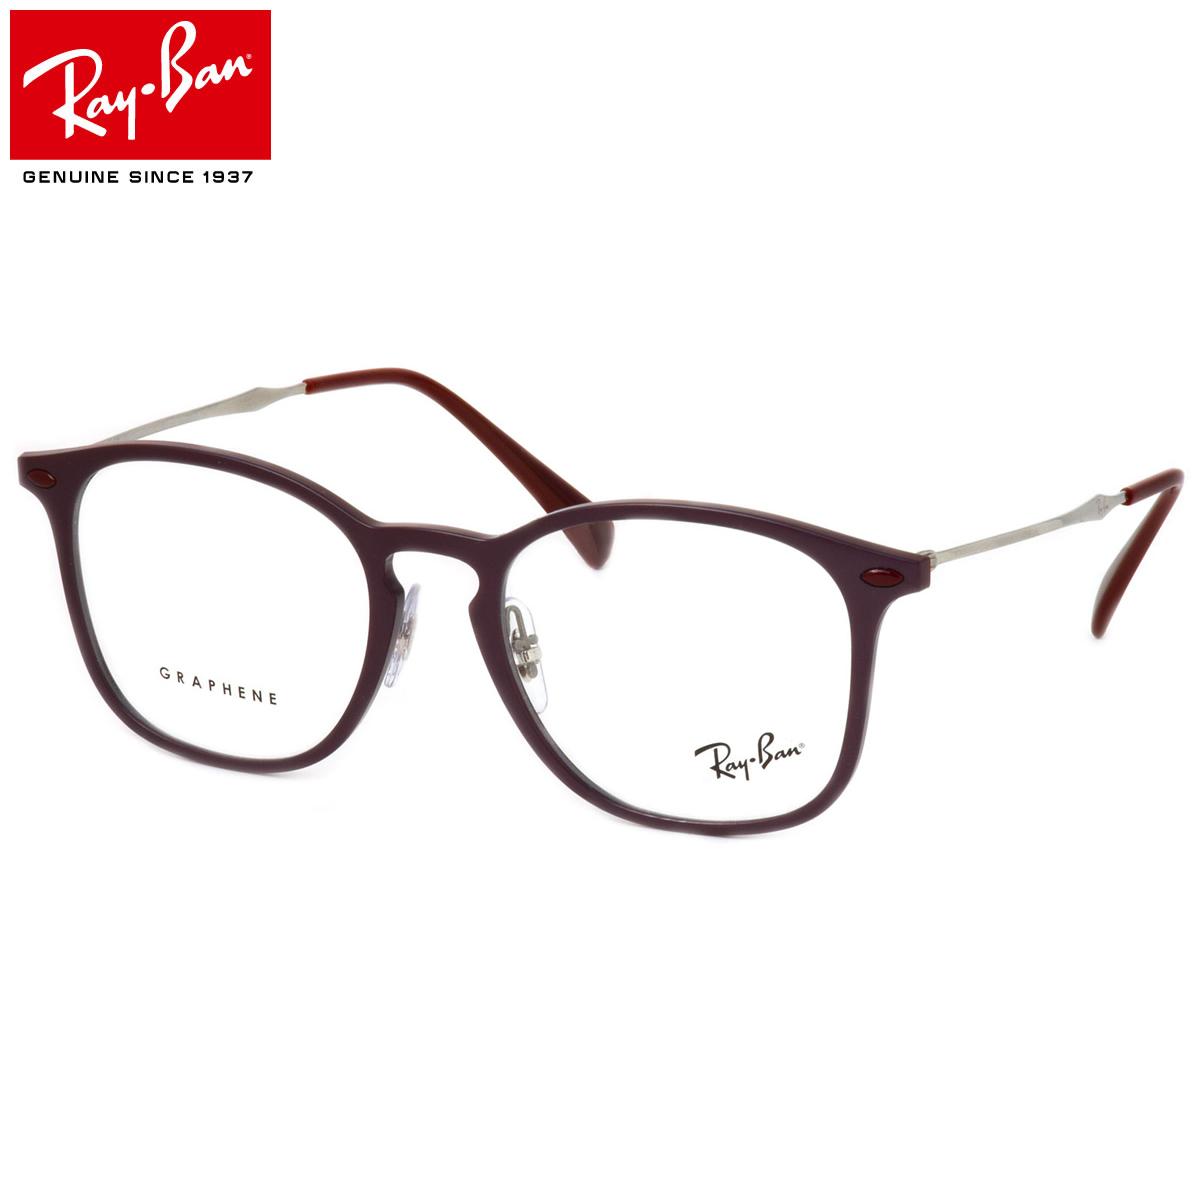 Ray-Ban レイバン メガネ RX8954 8031 50サイズ グラフェン GRAPHENE 軽量 丈夫 トレンド レイバン RayBan メンズ レディース